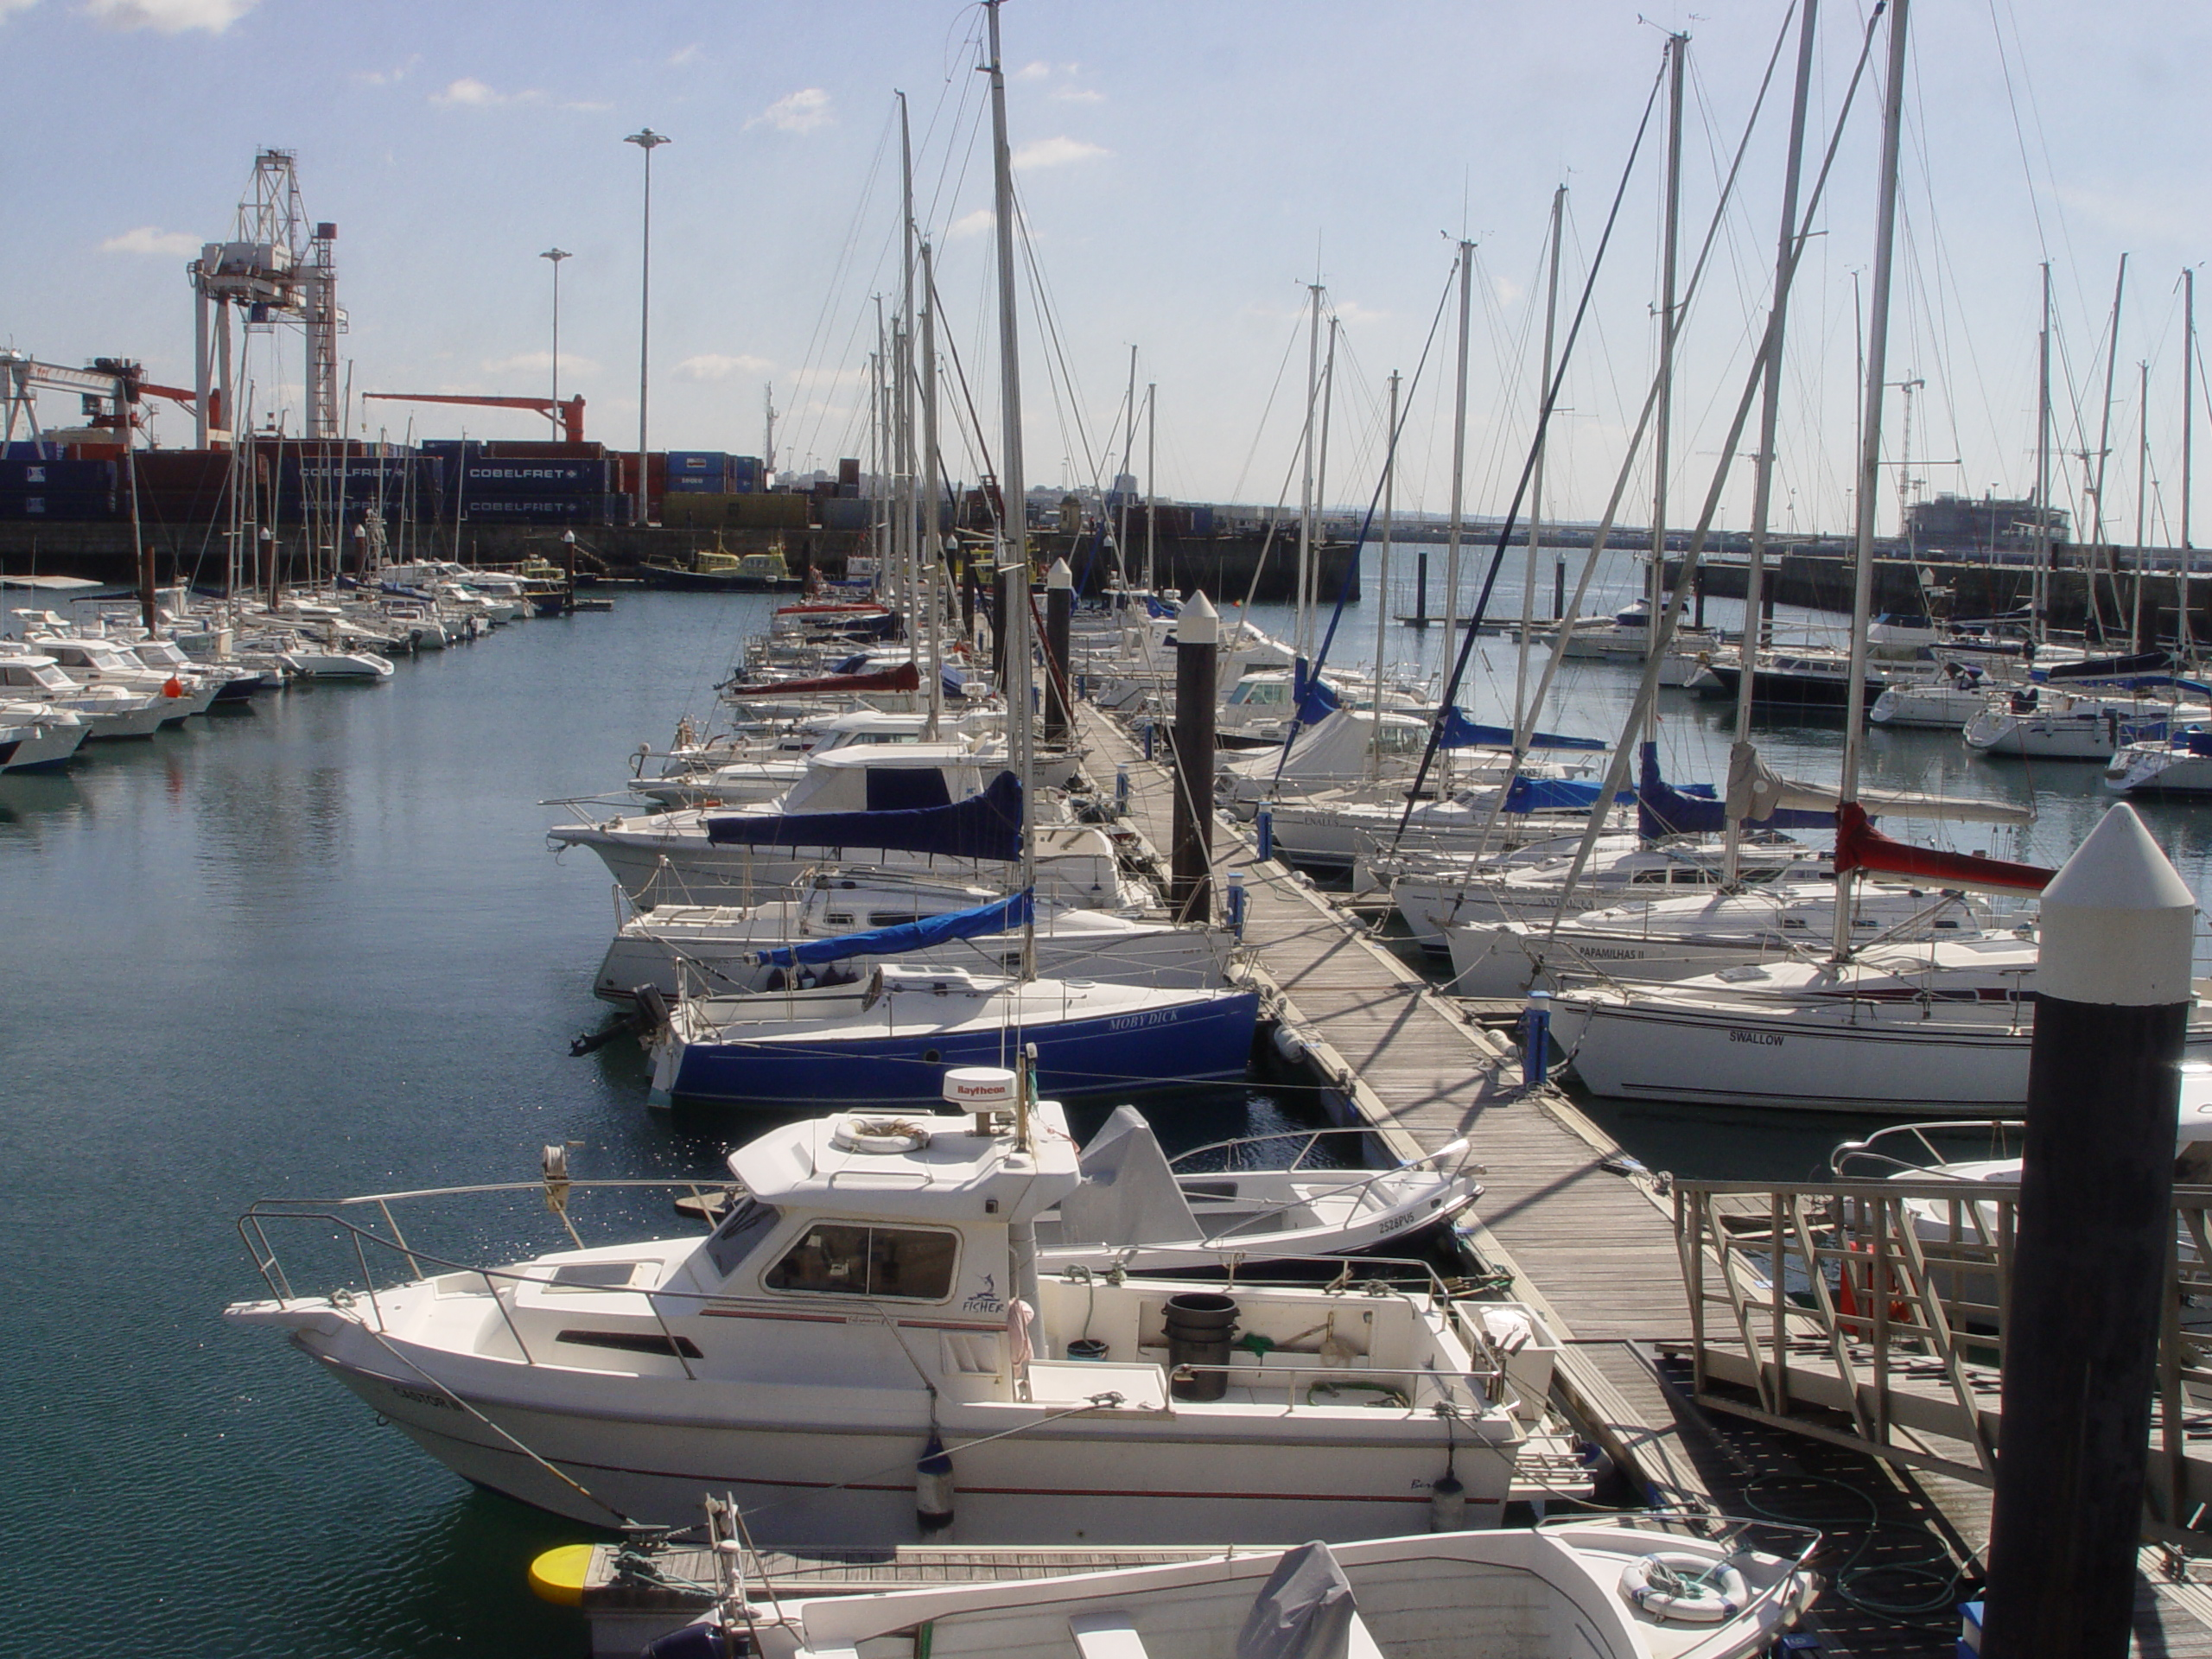 Pontoon C - Marina Porto Atlântico